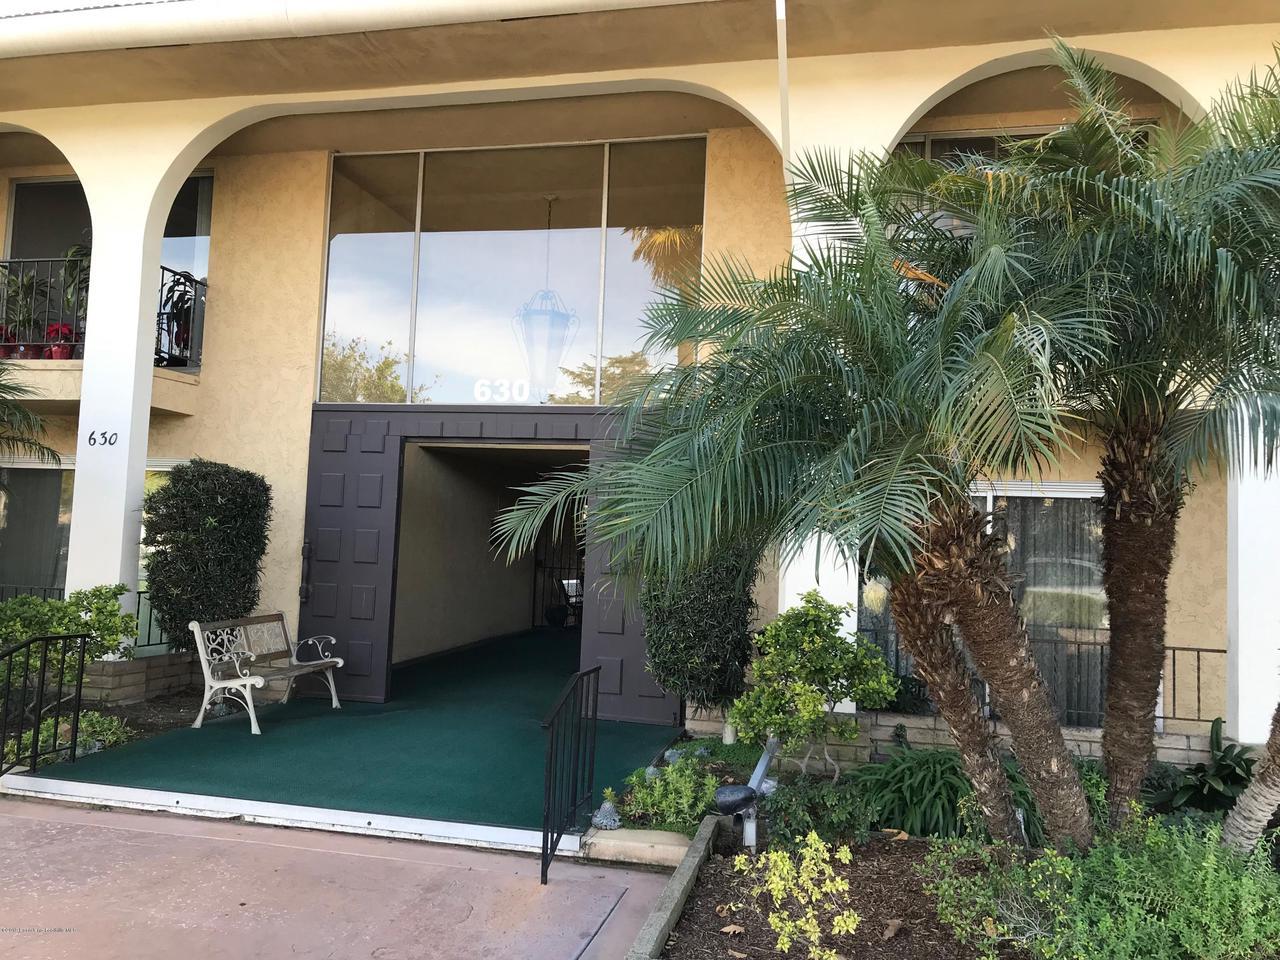 630 HUNTINGTON, Arcadia, CA 91007 - Front Entrance